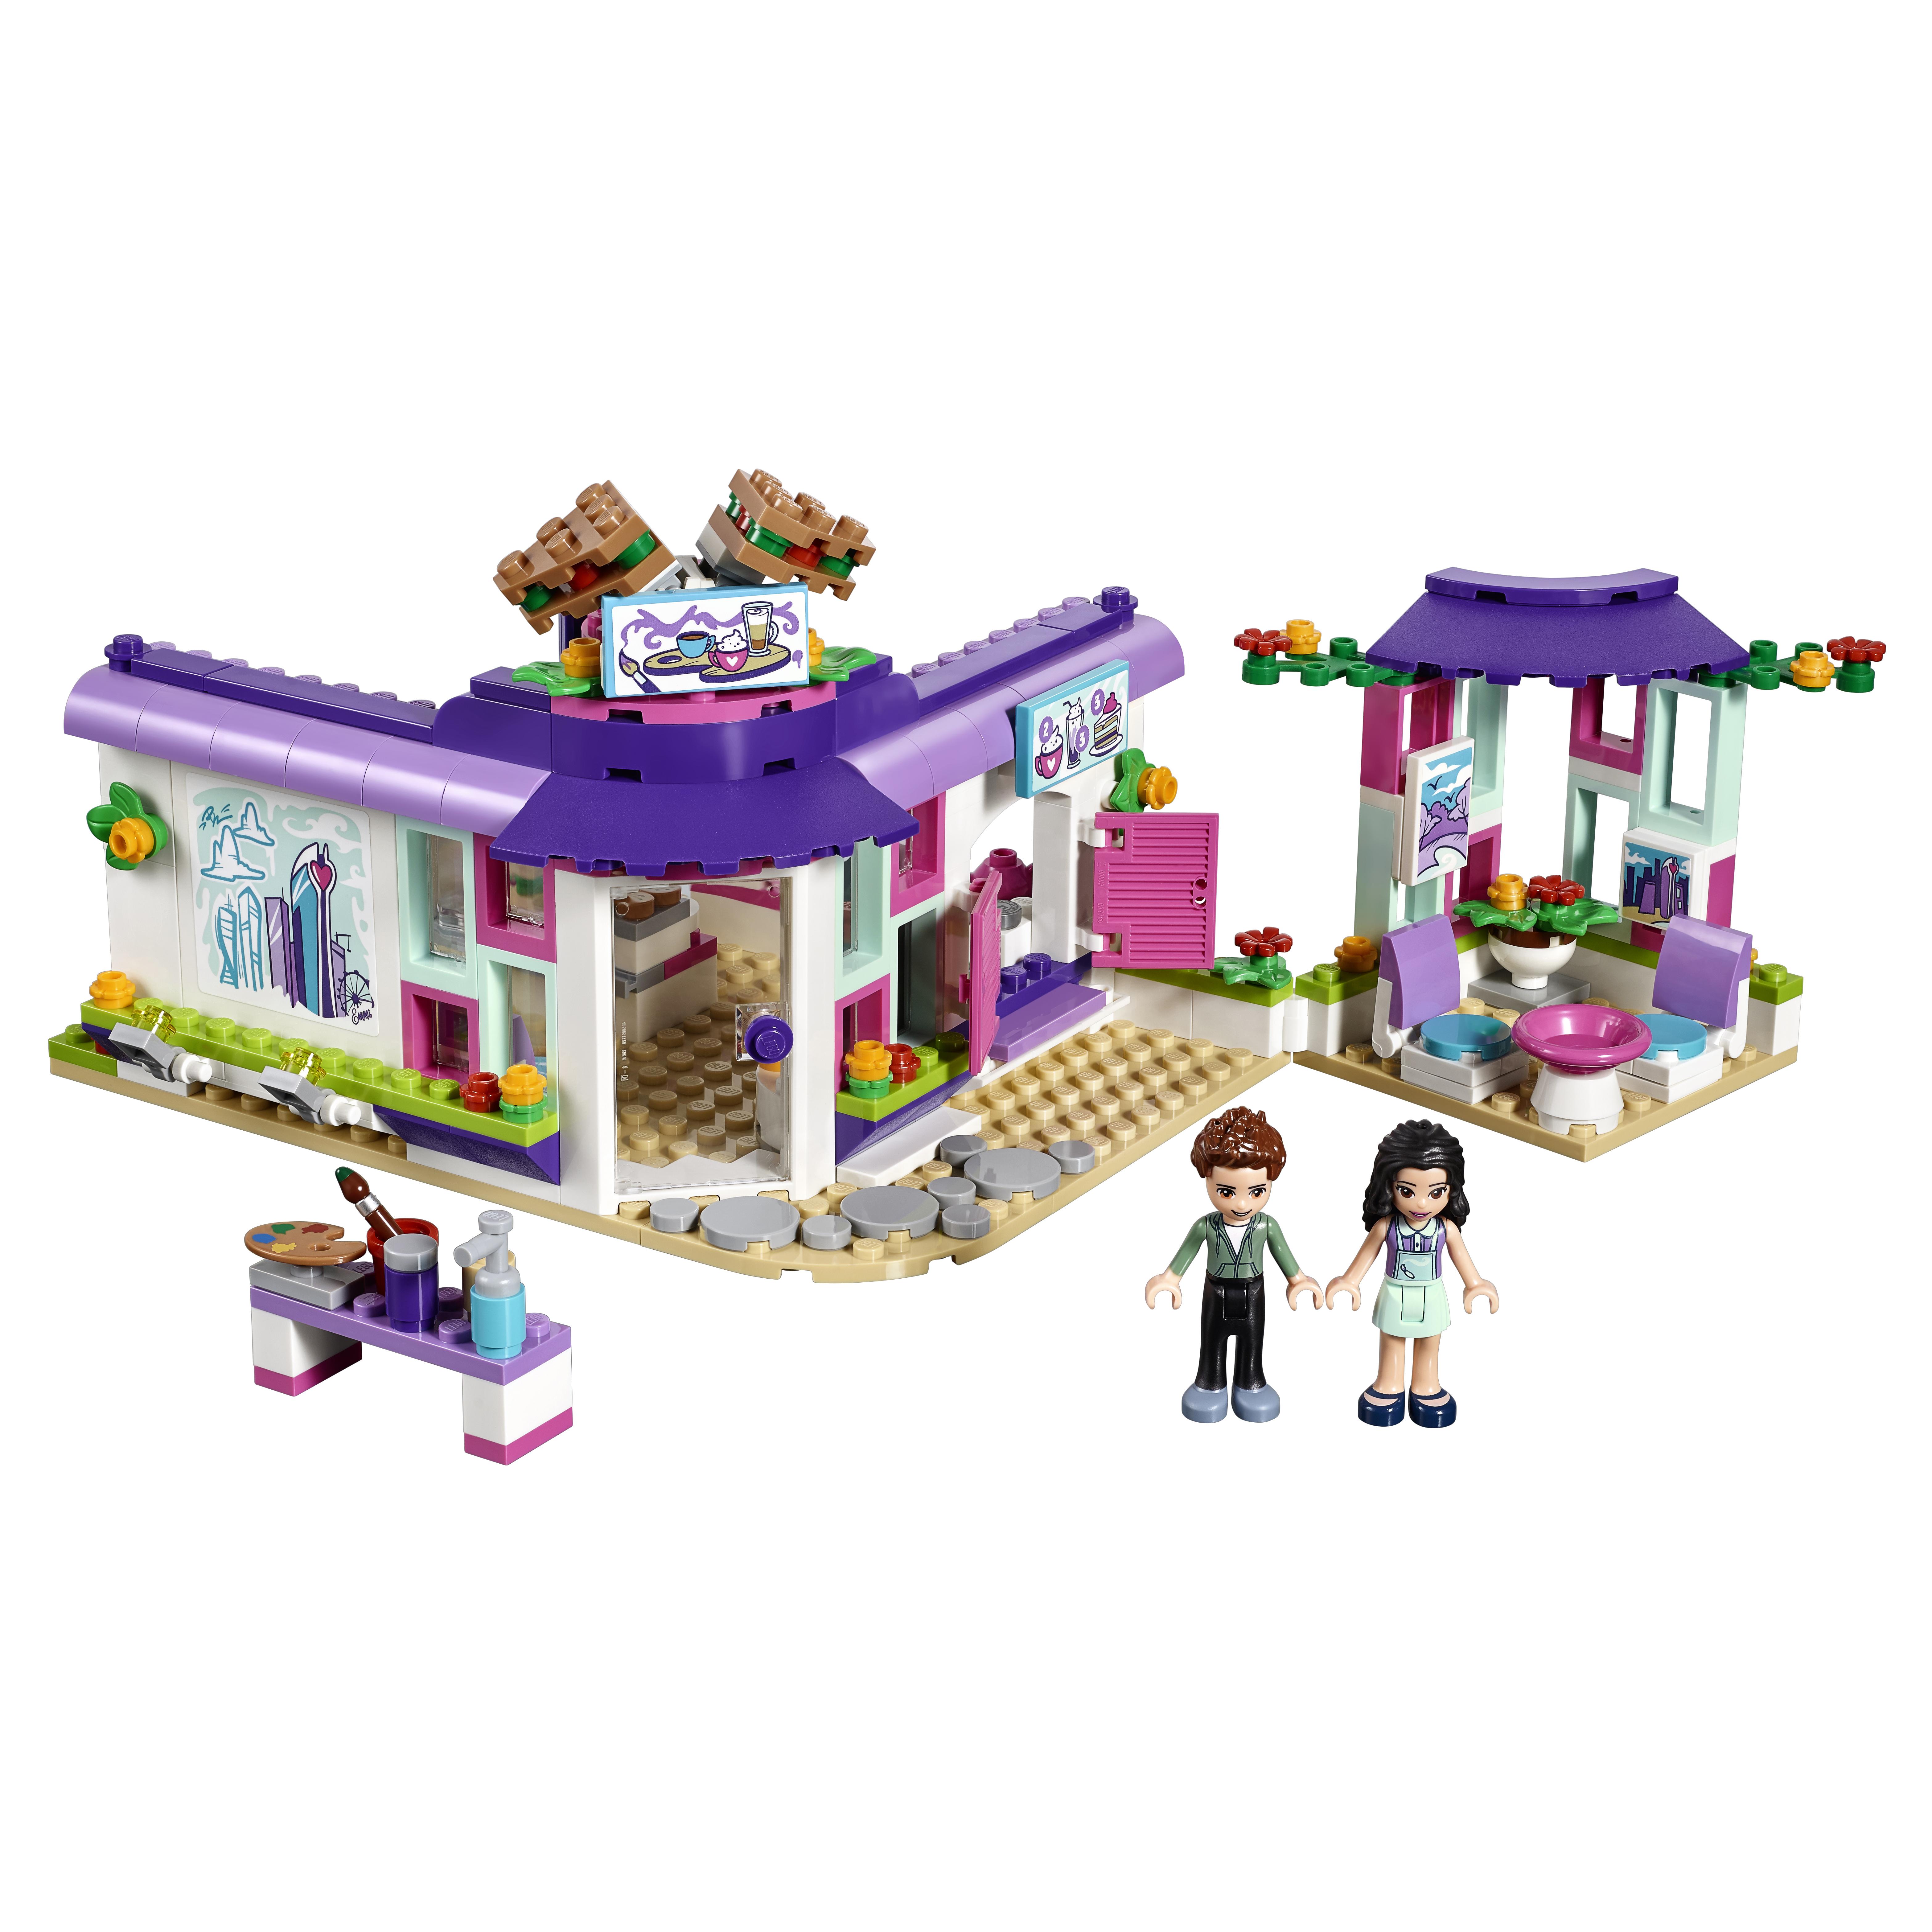 Купить Конструктор lego friends арт-кафе эммы (41336), Конструктор LEGO Friends Арт-кафе Эммы (41336)